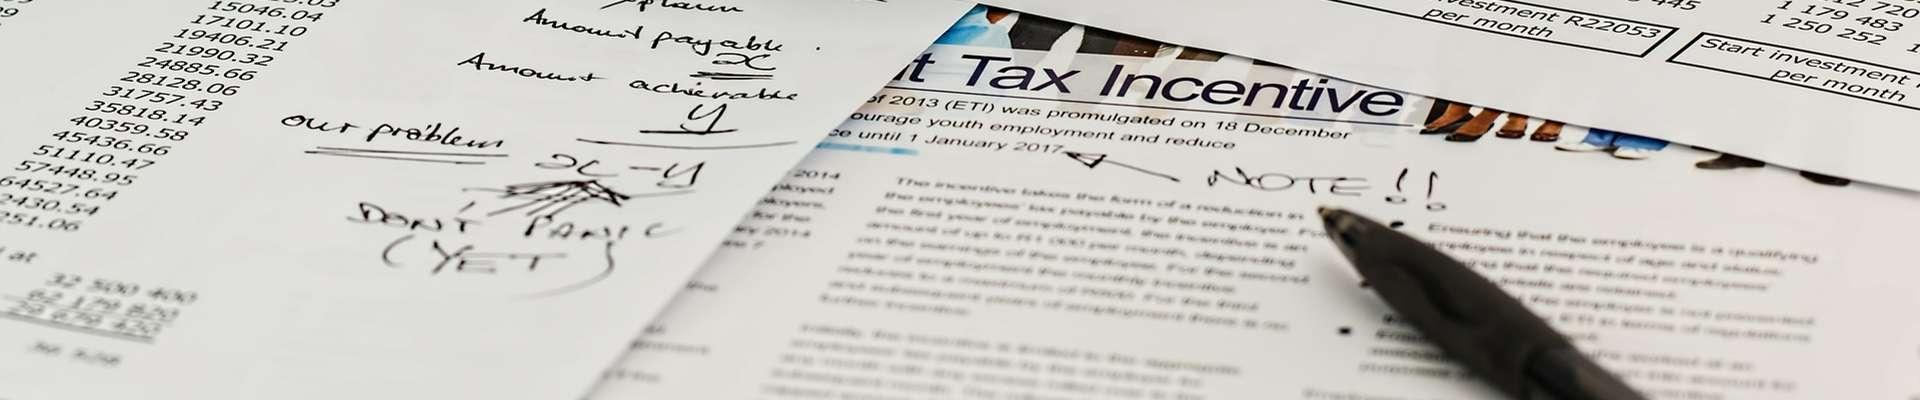 Nouvelle entreprise : quelles obligations fiscales la première année ?